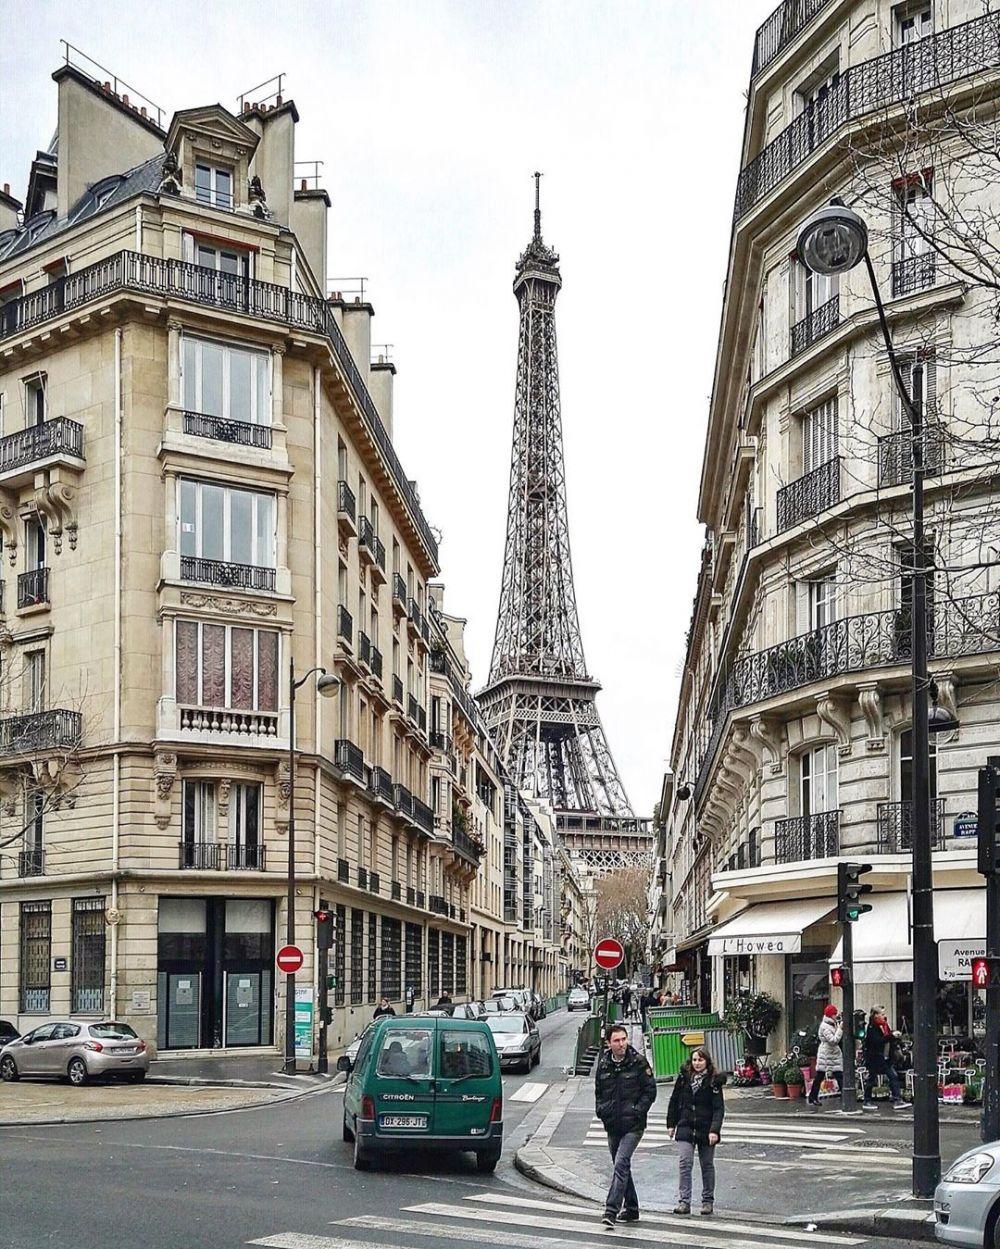 11 Kota Tujuan Wisata Terbaik untuk Penggemar Street Photography